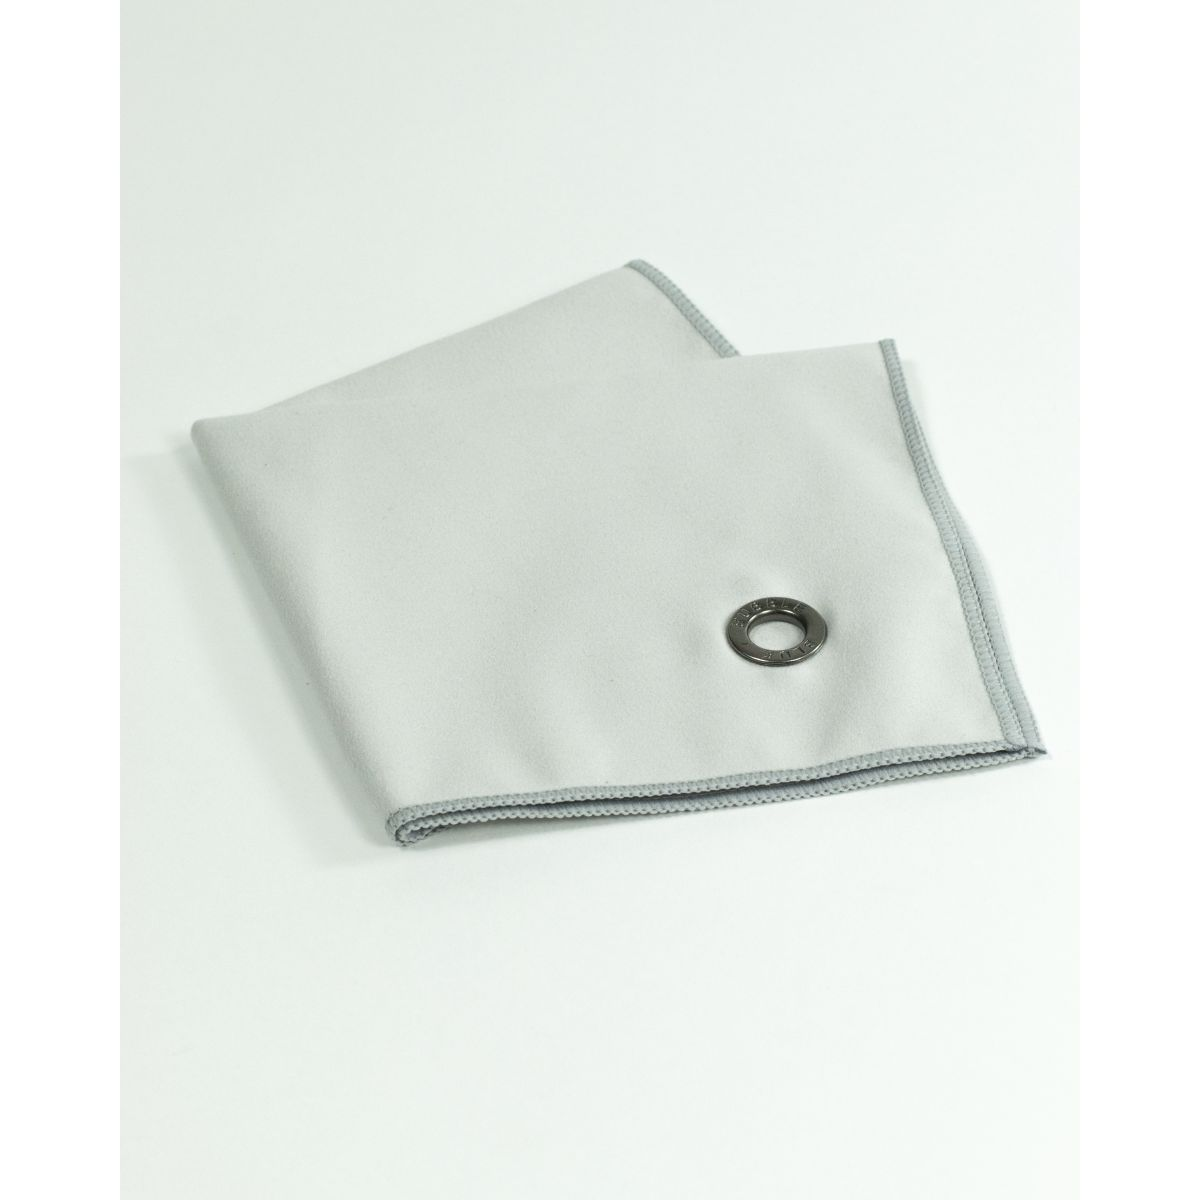 serviette mains visage en microfibre heiata couleur perle aventure. Black Bedroom Furniture Sets. Home Design Ideas